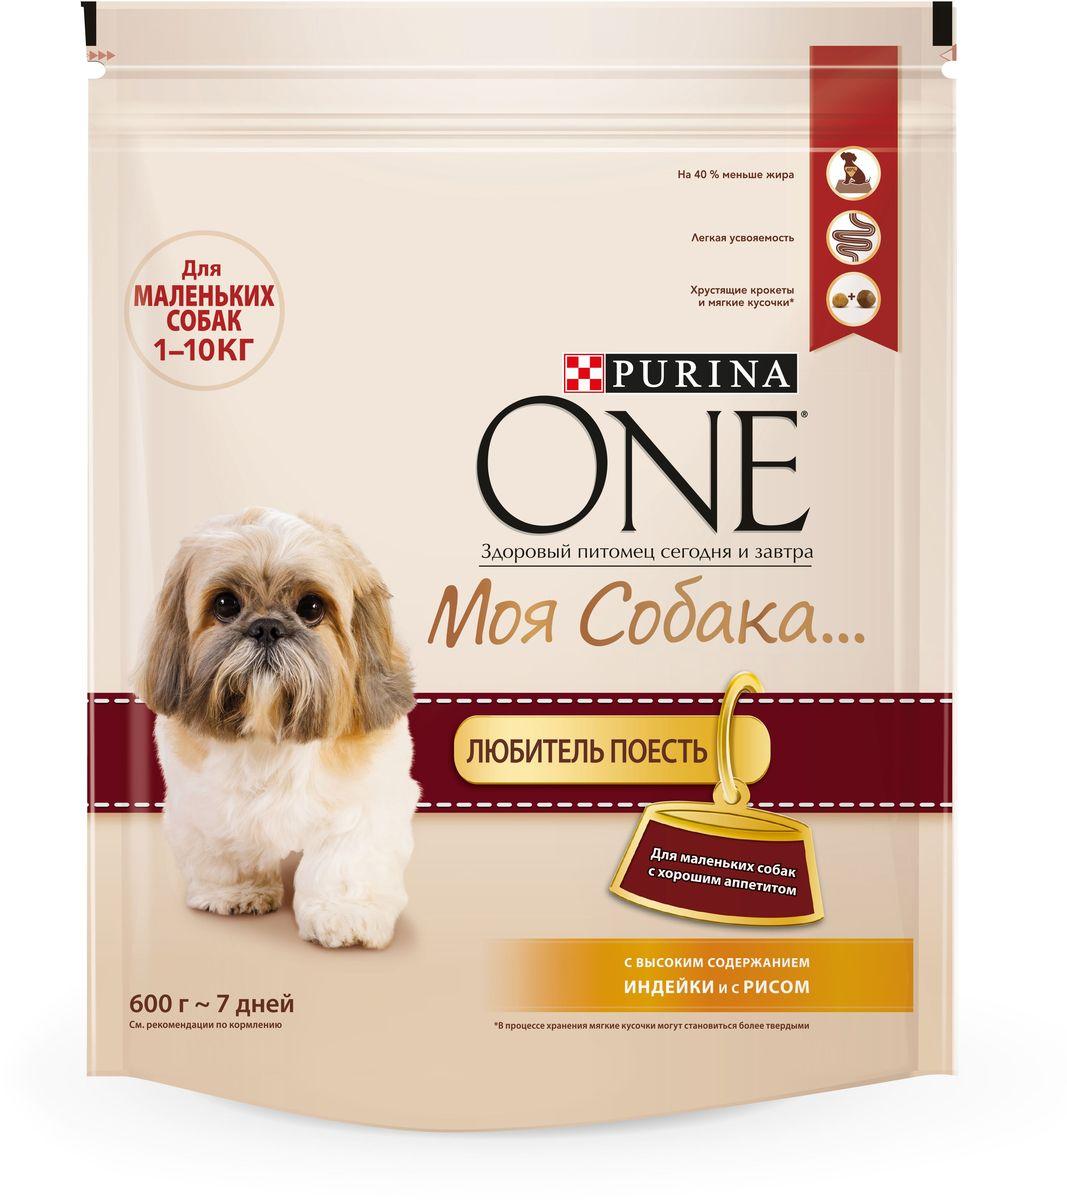 Корм сухой Purina One Мини Моя Собака…Любитель поесть, с индейкой и рисом, 600 г57920Корм сухой Purina One Мини Моя Собака…Любитель поесть - это вкусное сочетание хрустящих крокетов и мягких кусочков с высоким содержанием индейки, содержит на 40% меньше жира, чем в корме для взрослых собак Purina One для снижения потребляемых калорий и поддержания оптимального веса. Товар сертифицирован.